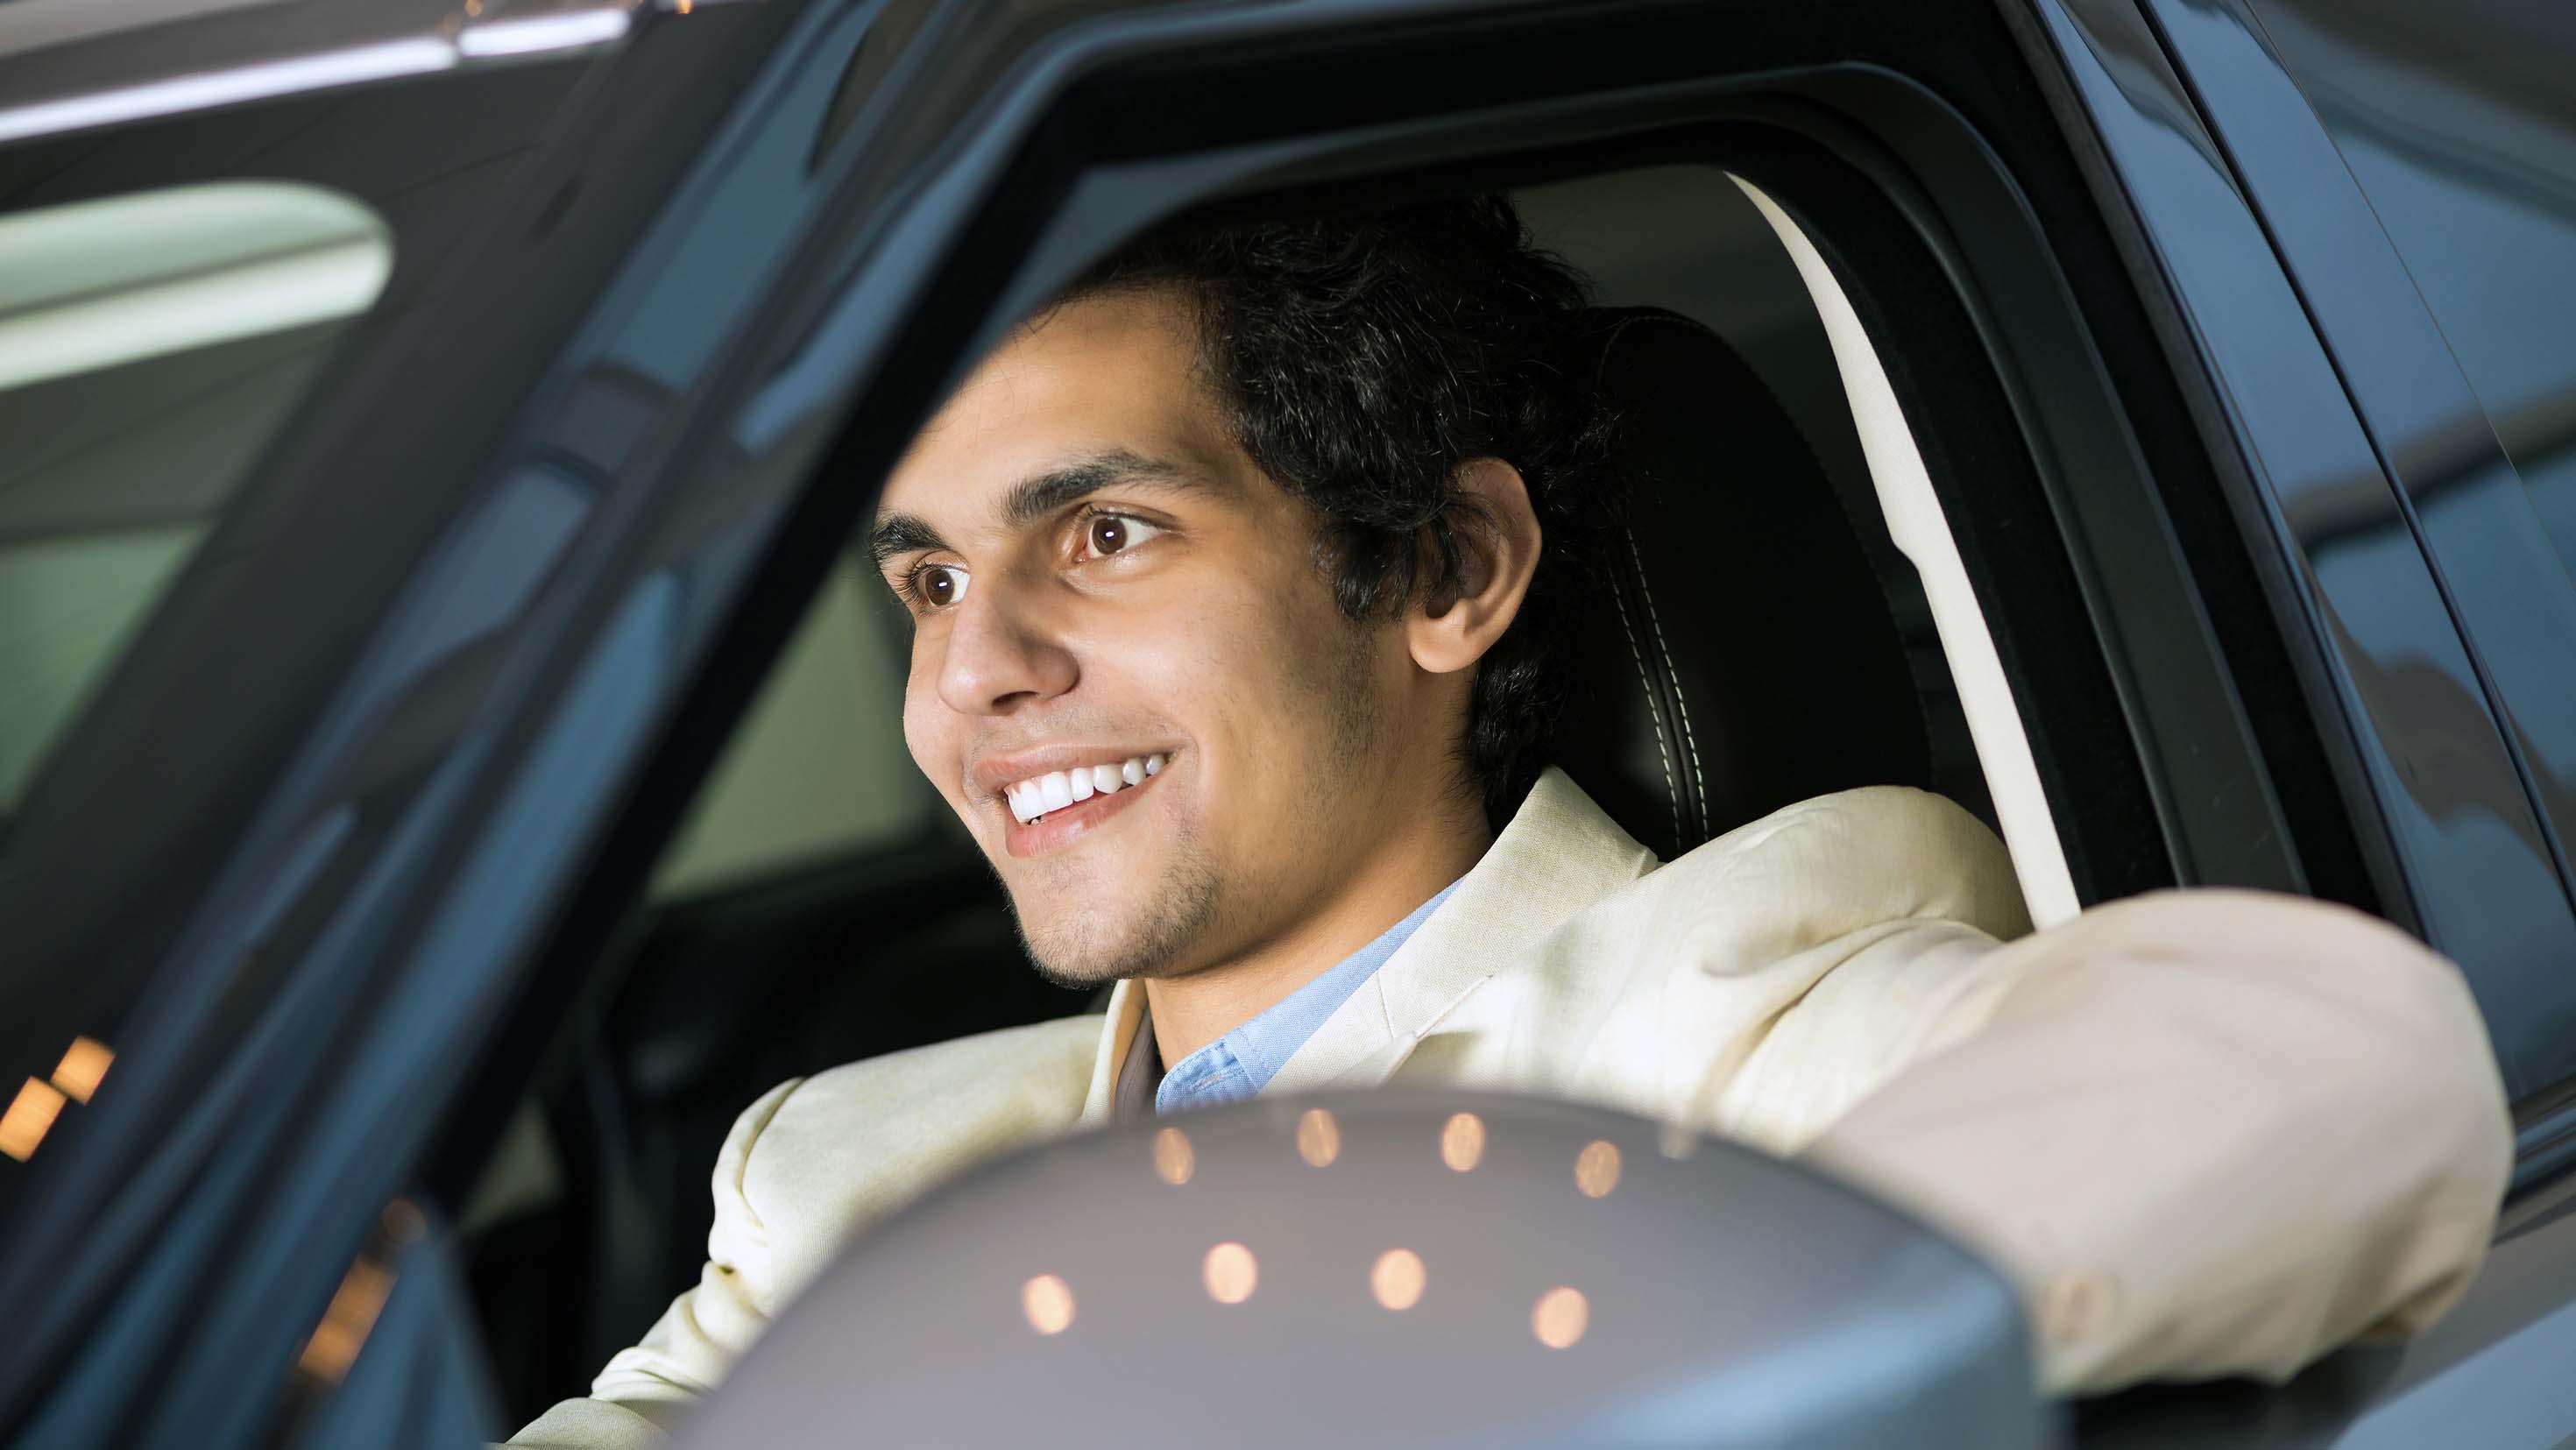 privatleasing av bil